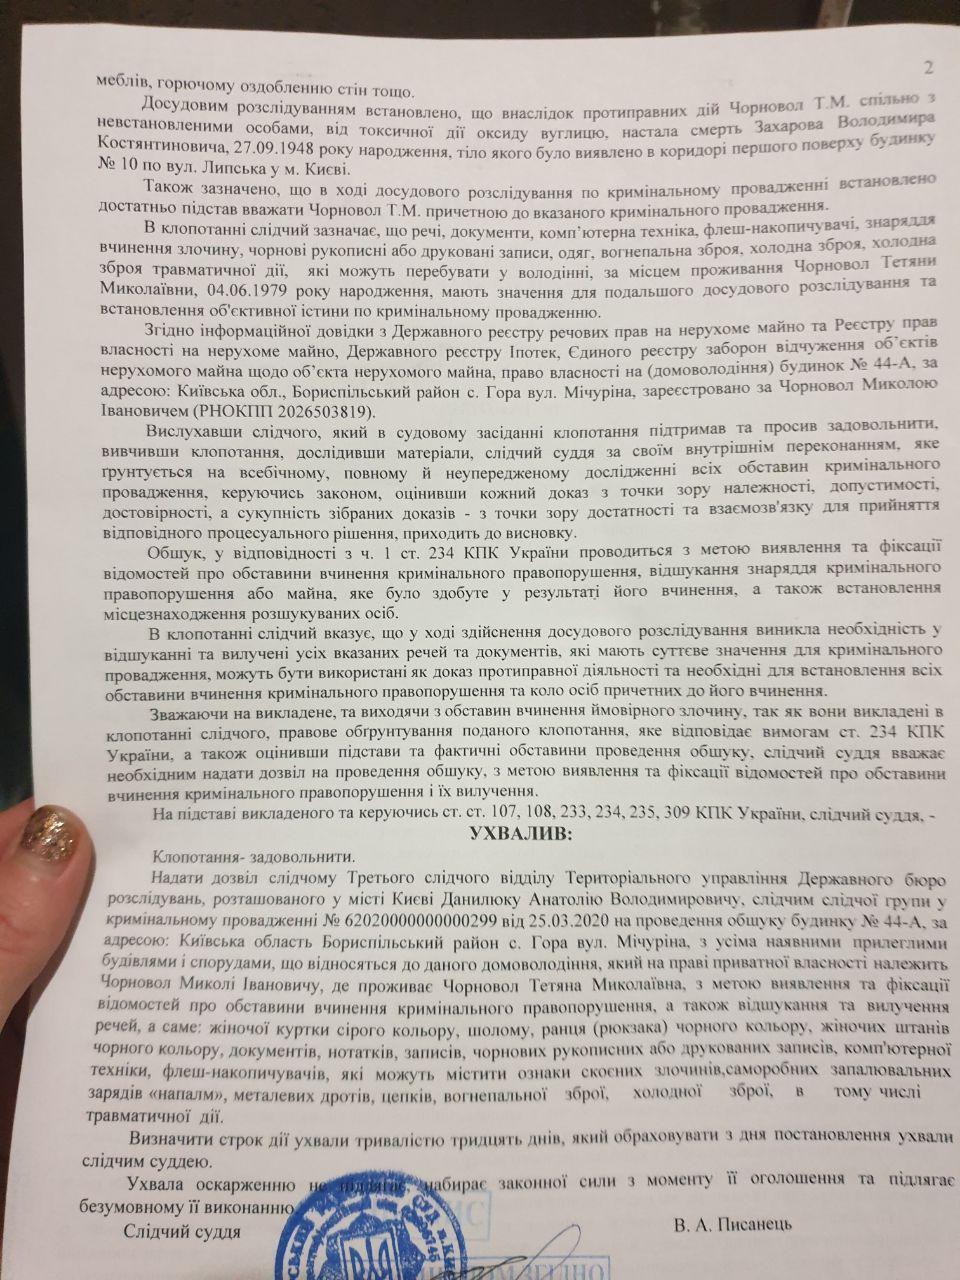 Постановление об обыске у Черновол